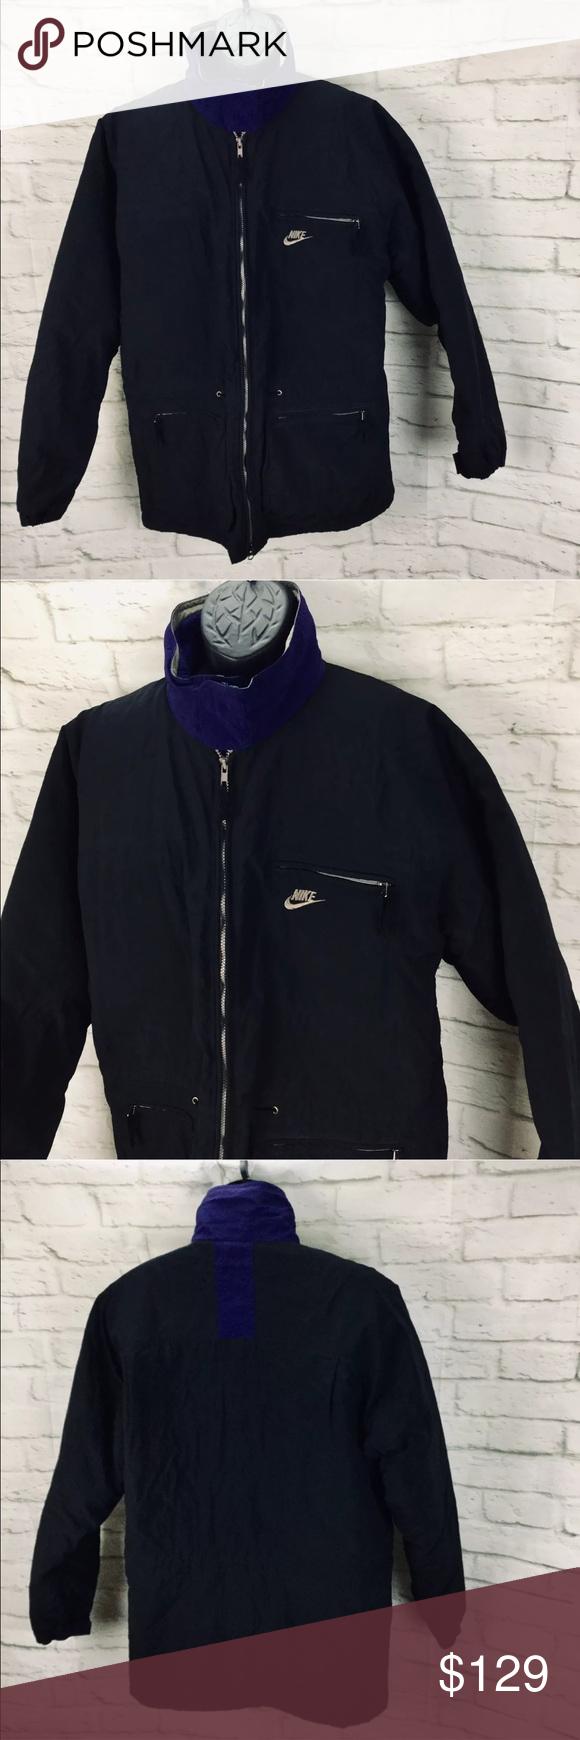 a4a6aeae5e15a NIKE ACG Fleece Lined Full Zip Jacket Coat Mens L Vintage NIKE ACG ...